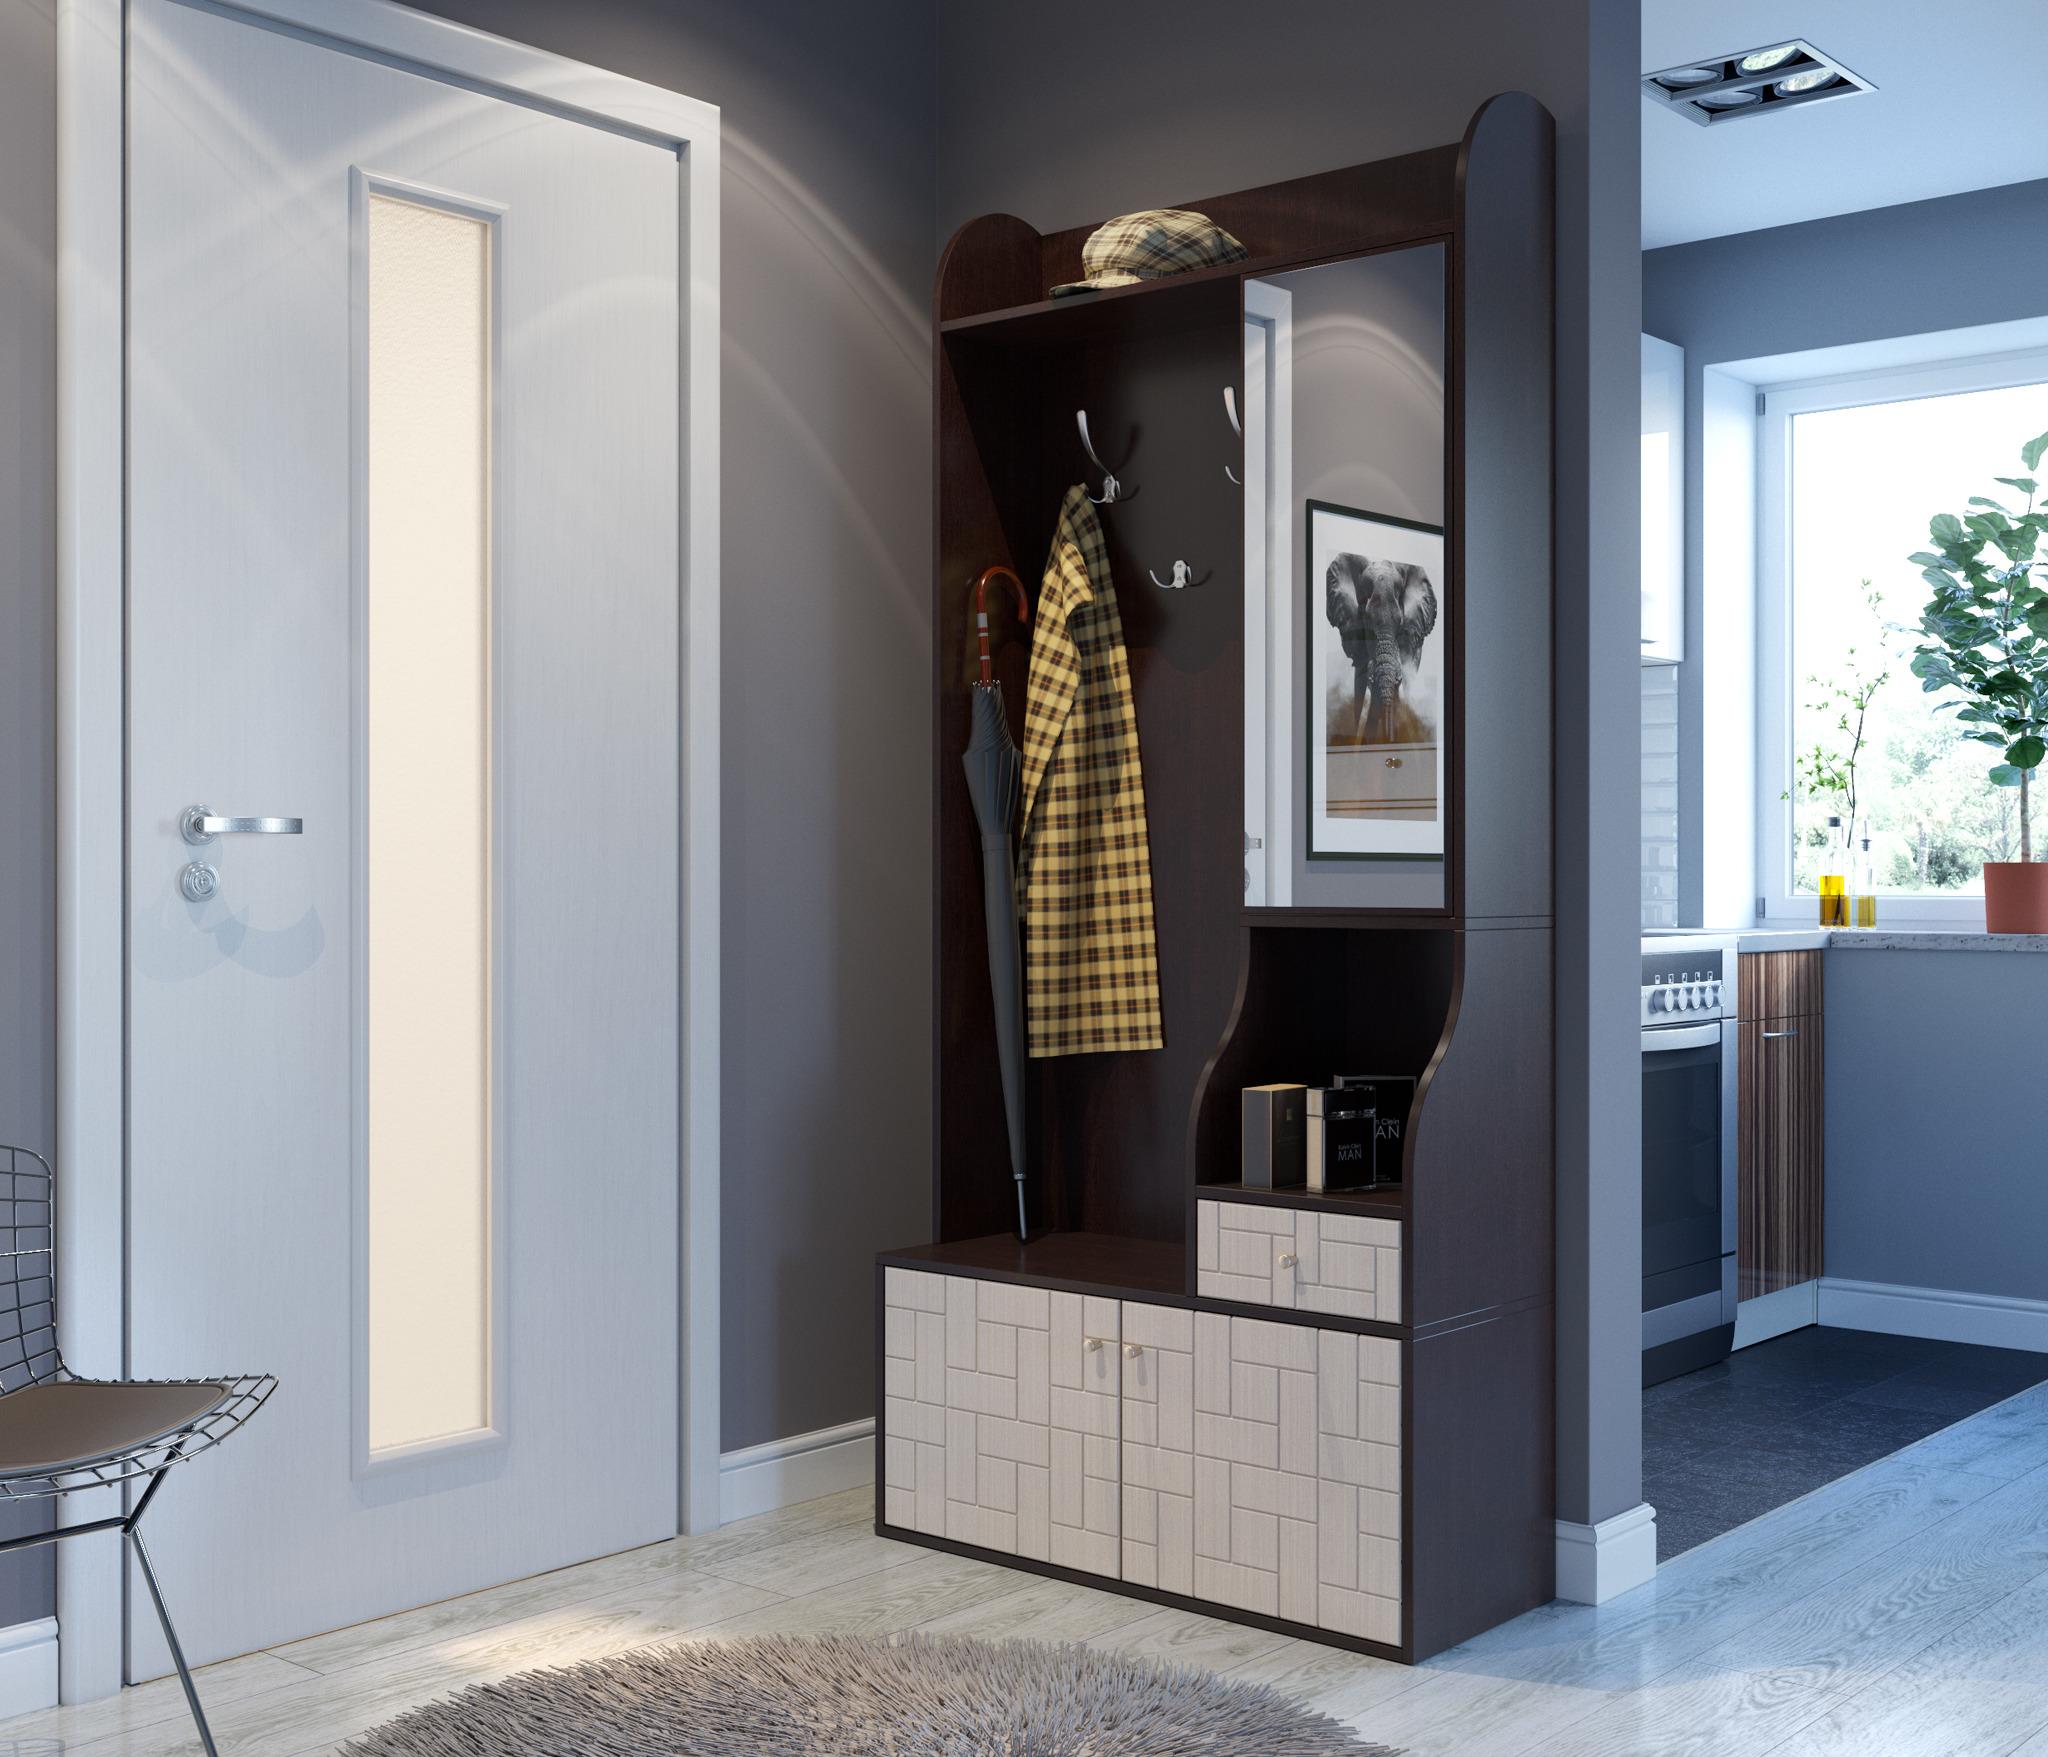 Эквадор СВ-631 шкаф комбинированныйПрихожие<br>Более крупная прихожая, имеющая увеличенное пространство под обувь и несколько полок под мелкие вещи, закрытых зеркалом. Отсутствие цоколя позволяет с легкостью убираться под прихожей, а также хранить в этом месте домашние тапочки.  Материал корпуса ЛДСП,&#13;Цвет корпуса - Венге,&#13;Материал фасада - МДФ,&#13;Цвет фасада - Дуб молочный,     &#13;Длина 900 мм, Высота 2014 мм,Глубина 380 мм&#13;Современный Стиль.&#13;]]&gt;<br><br>Длина мм: 900<br>Высота мм: 2014<br>Глубина мм: 380